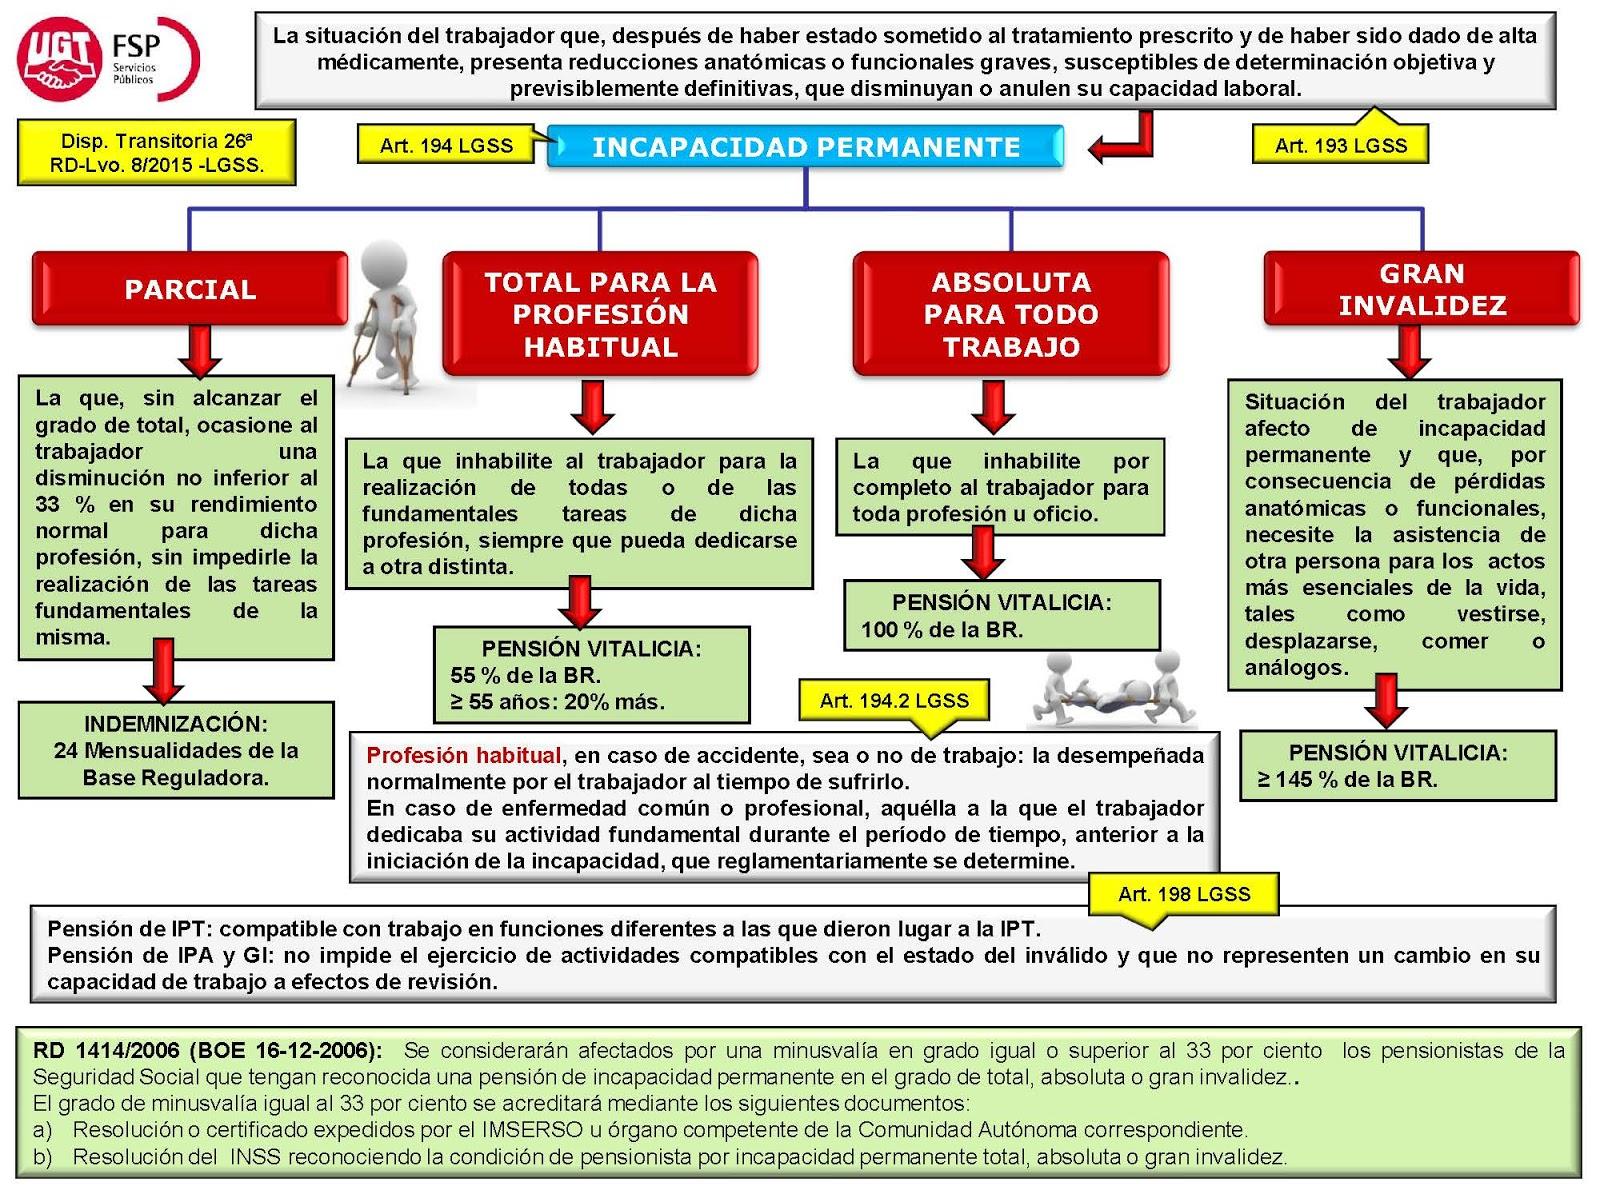 decreto fuerza ley funcionarios publicos pdf